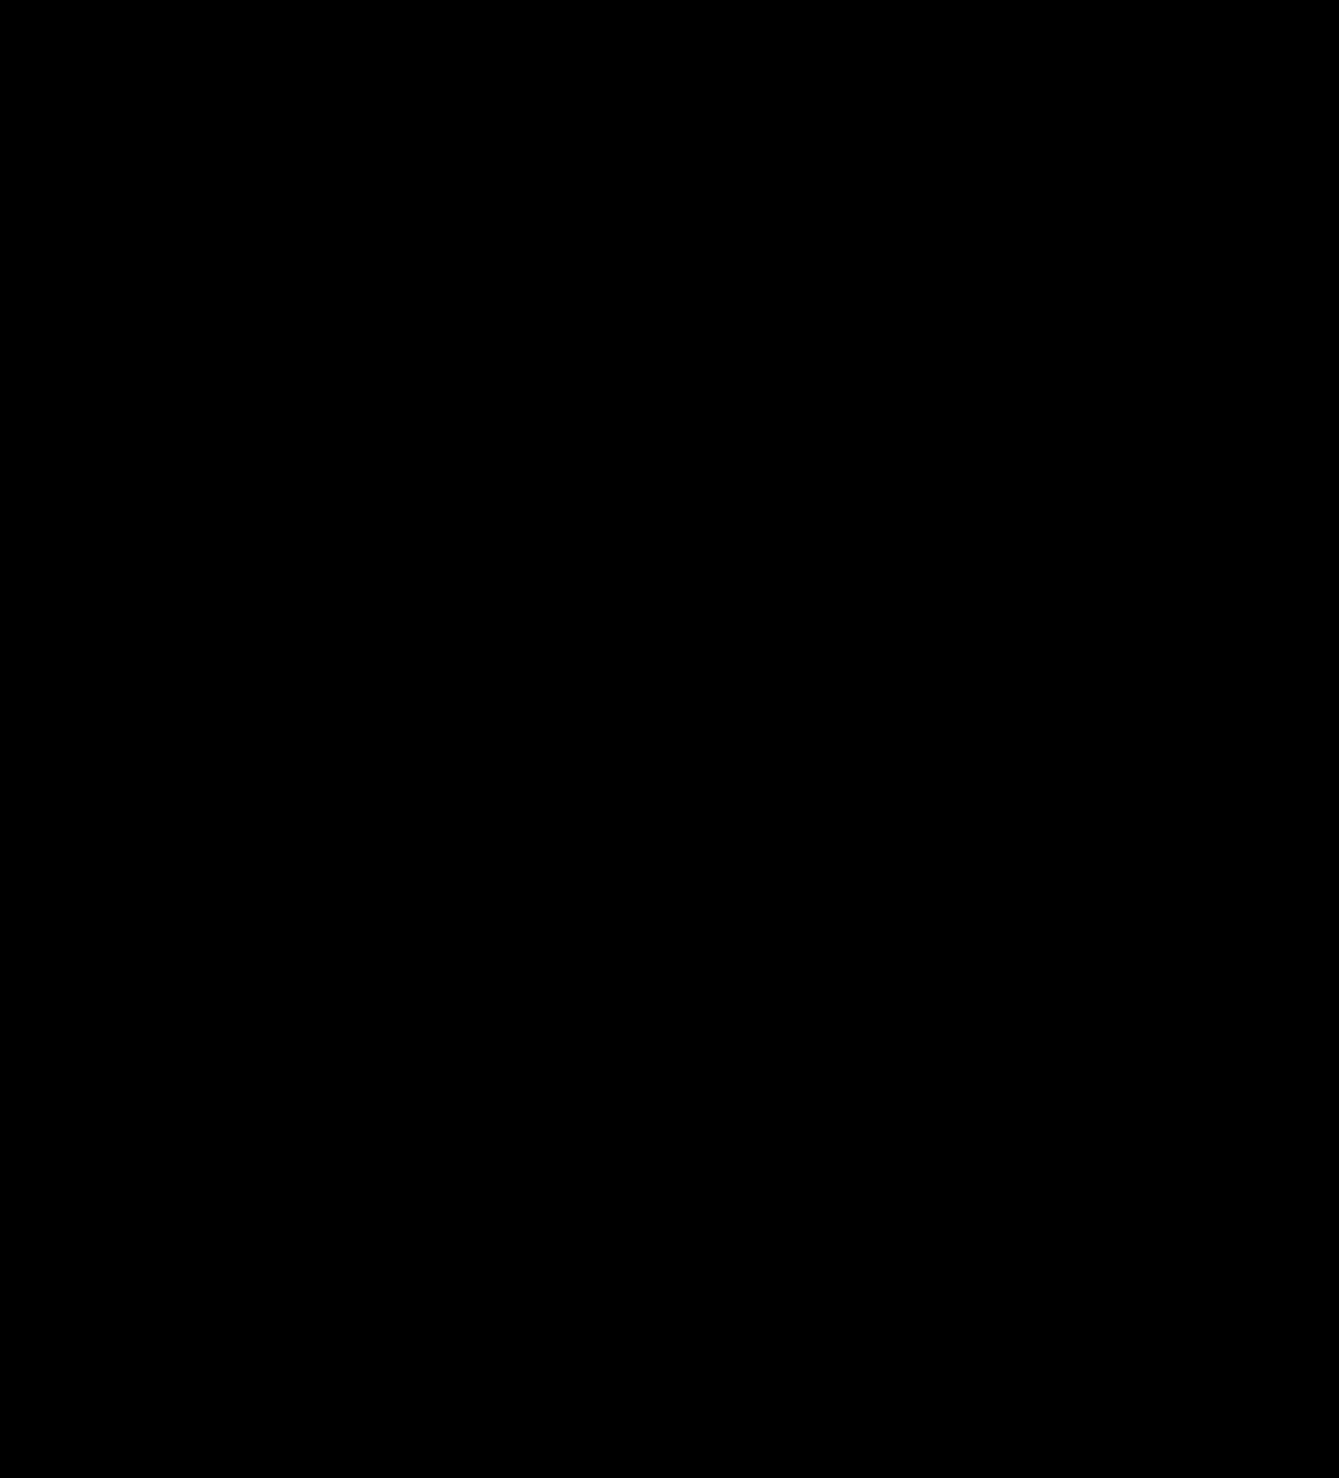 Ͽ� Ͽ� Ͽ� Ͽ� Ͽ� Ͽ� Ͽ� Ͽ� Ͽ� Ͽ� Ͽ� Ͽ� Ͽ� Ͽ� Ͽ� Ͽ� Ͽ� Ͽ� Ͽ� Ͽ� Ͽ� Ͽ� Ͽ� Ͽ� Ͽ� Ͽ� Ͽ� Ͽ� Ͽ� Ͽ� Ͽ� Ͽ� Ͽ� Ͽ� Ͽ� Ͽ� Ͽ� Ͽ� Ͽ� Ͽ� Ͽ� Ͽ� Ͽ� Ͽ� Ͽ� Ͽ� Ͽ� Ͽ� Ͽ� Png: 8 Grunge Plus Sign (PNG Transparent) Vol.2